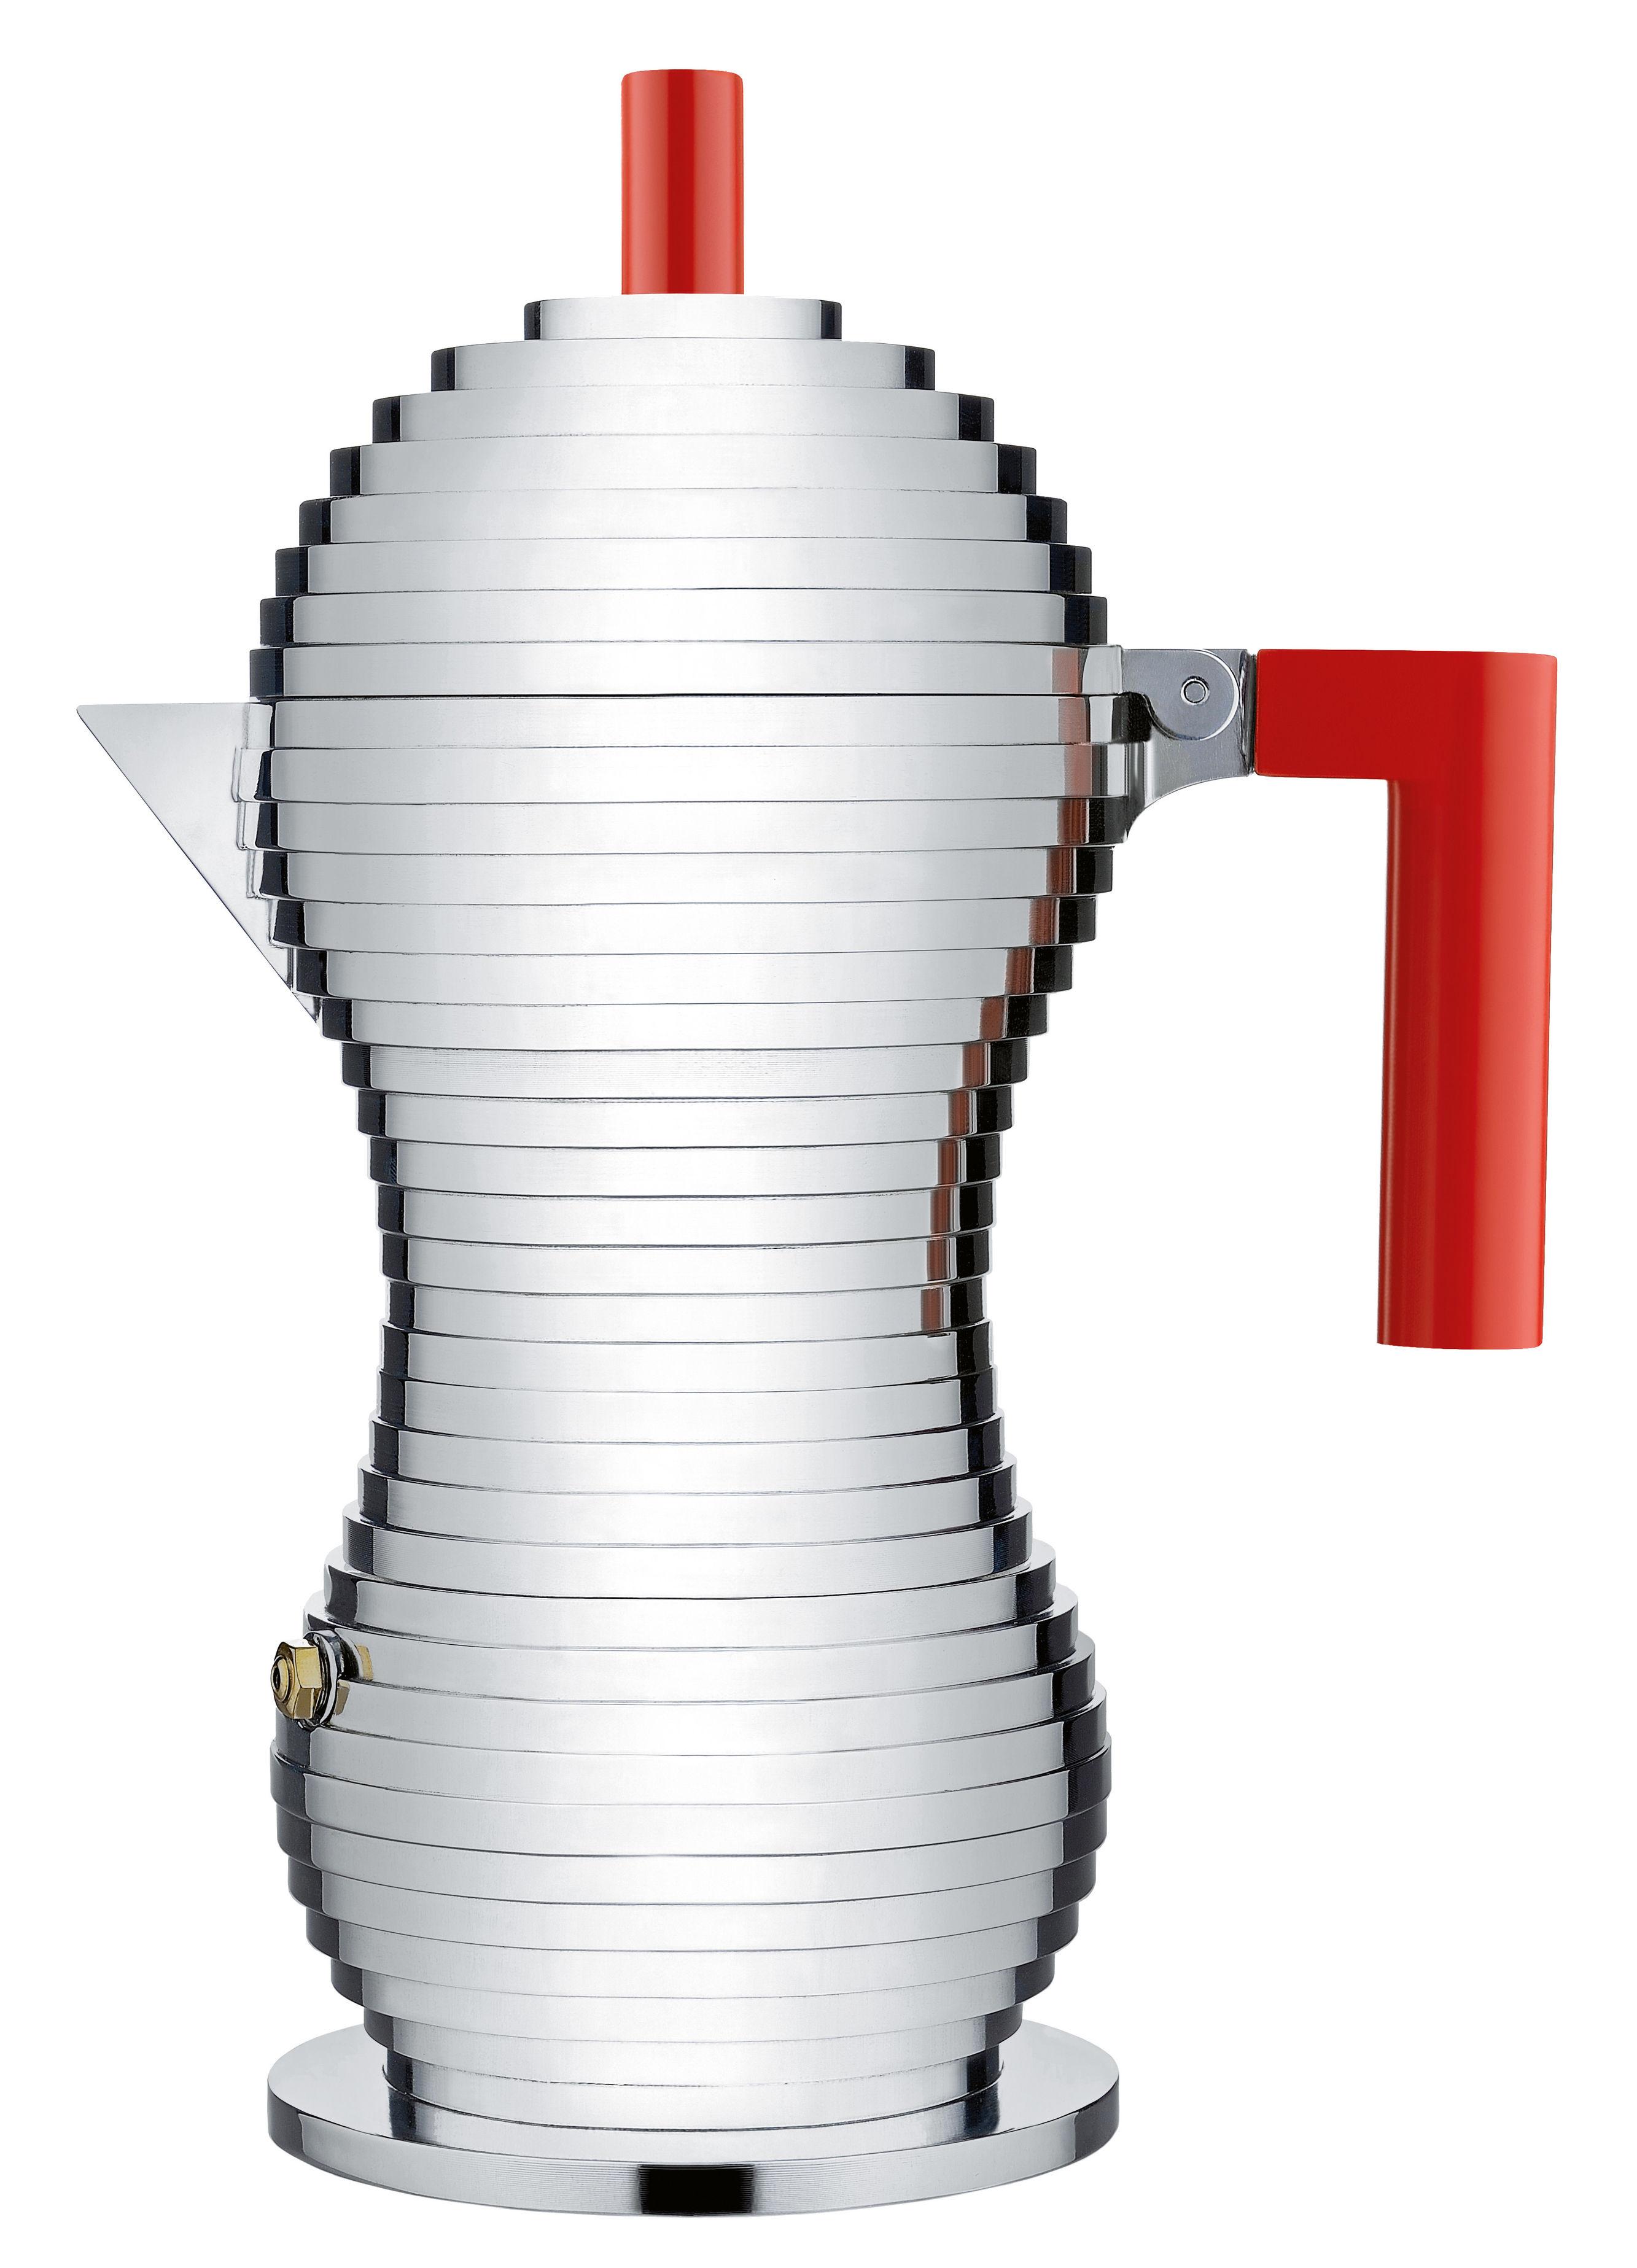 Arts de la table - Thé et café - Cafetière italienne Pulcina / Induction  - 6 tasses - Alessi - 6 tasses / Rouge & chromé - Fonte d'aluminium, Plastique